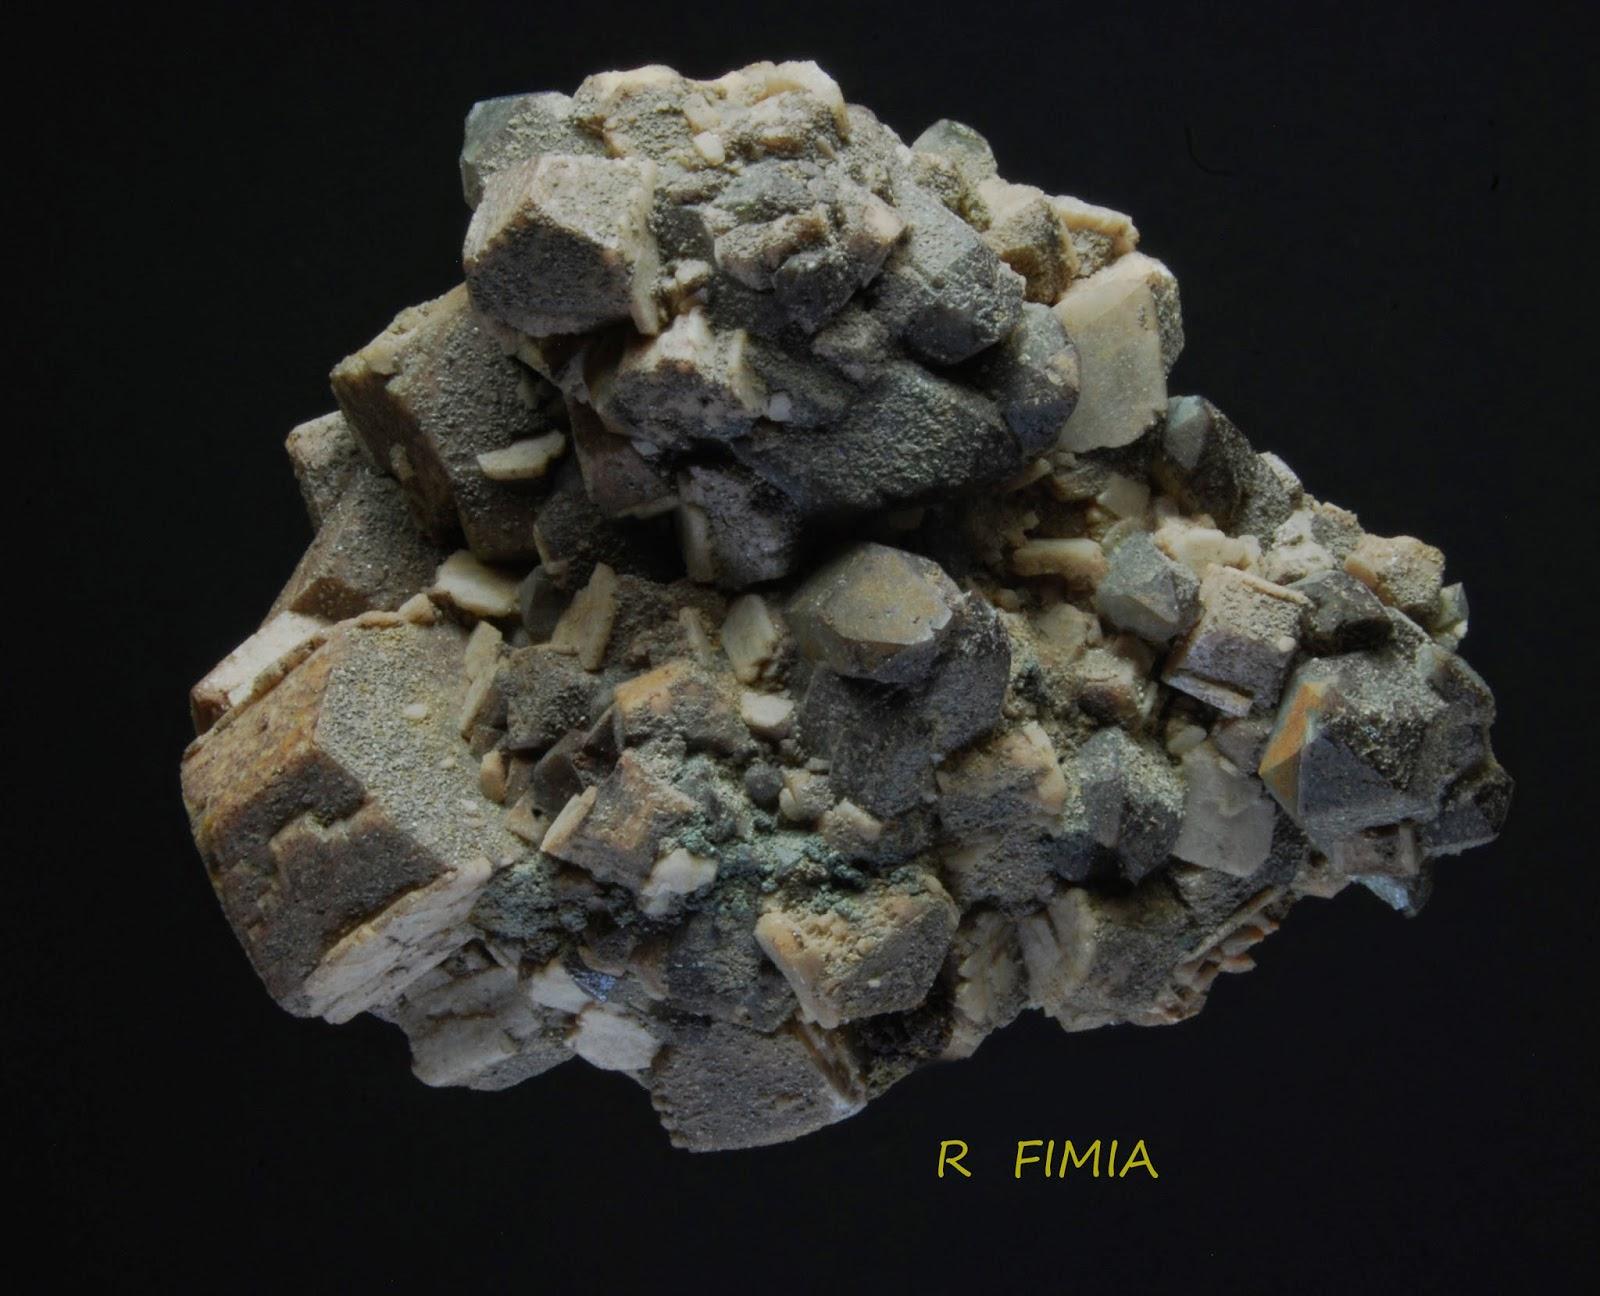 colección R. Fimia - Página 9 ORTO%2BY%2BCUAR%2BCM